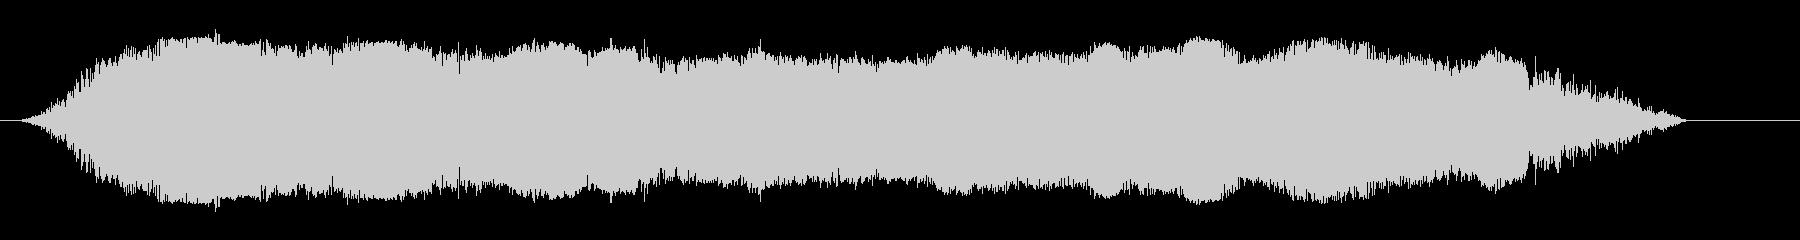 GTSカー;スロー(数)で、Cu ...の未再生の波形